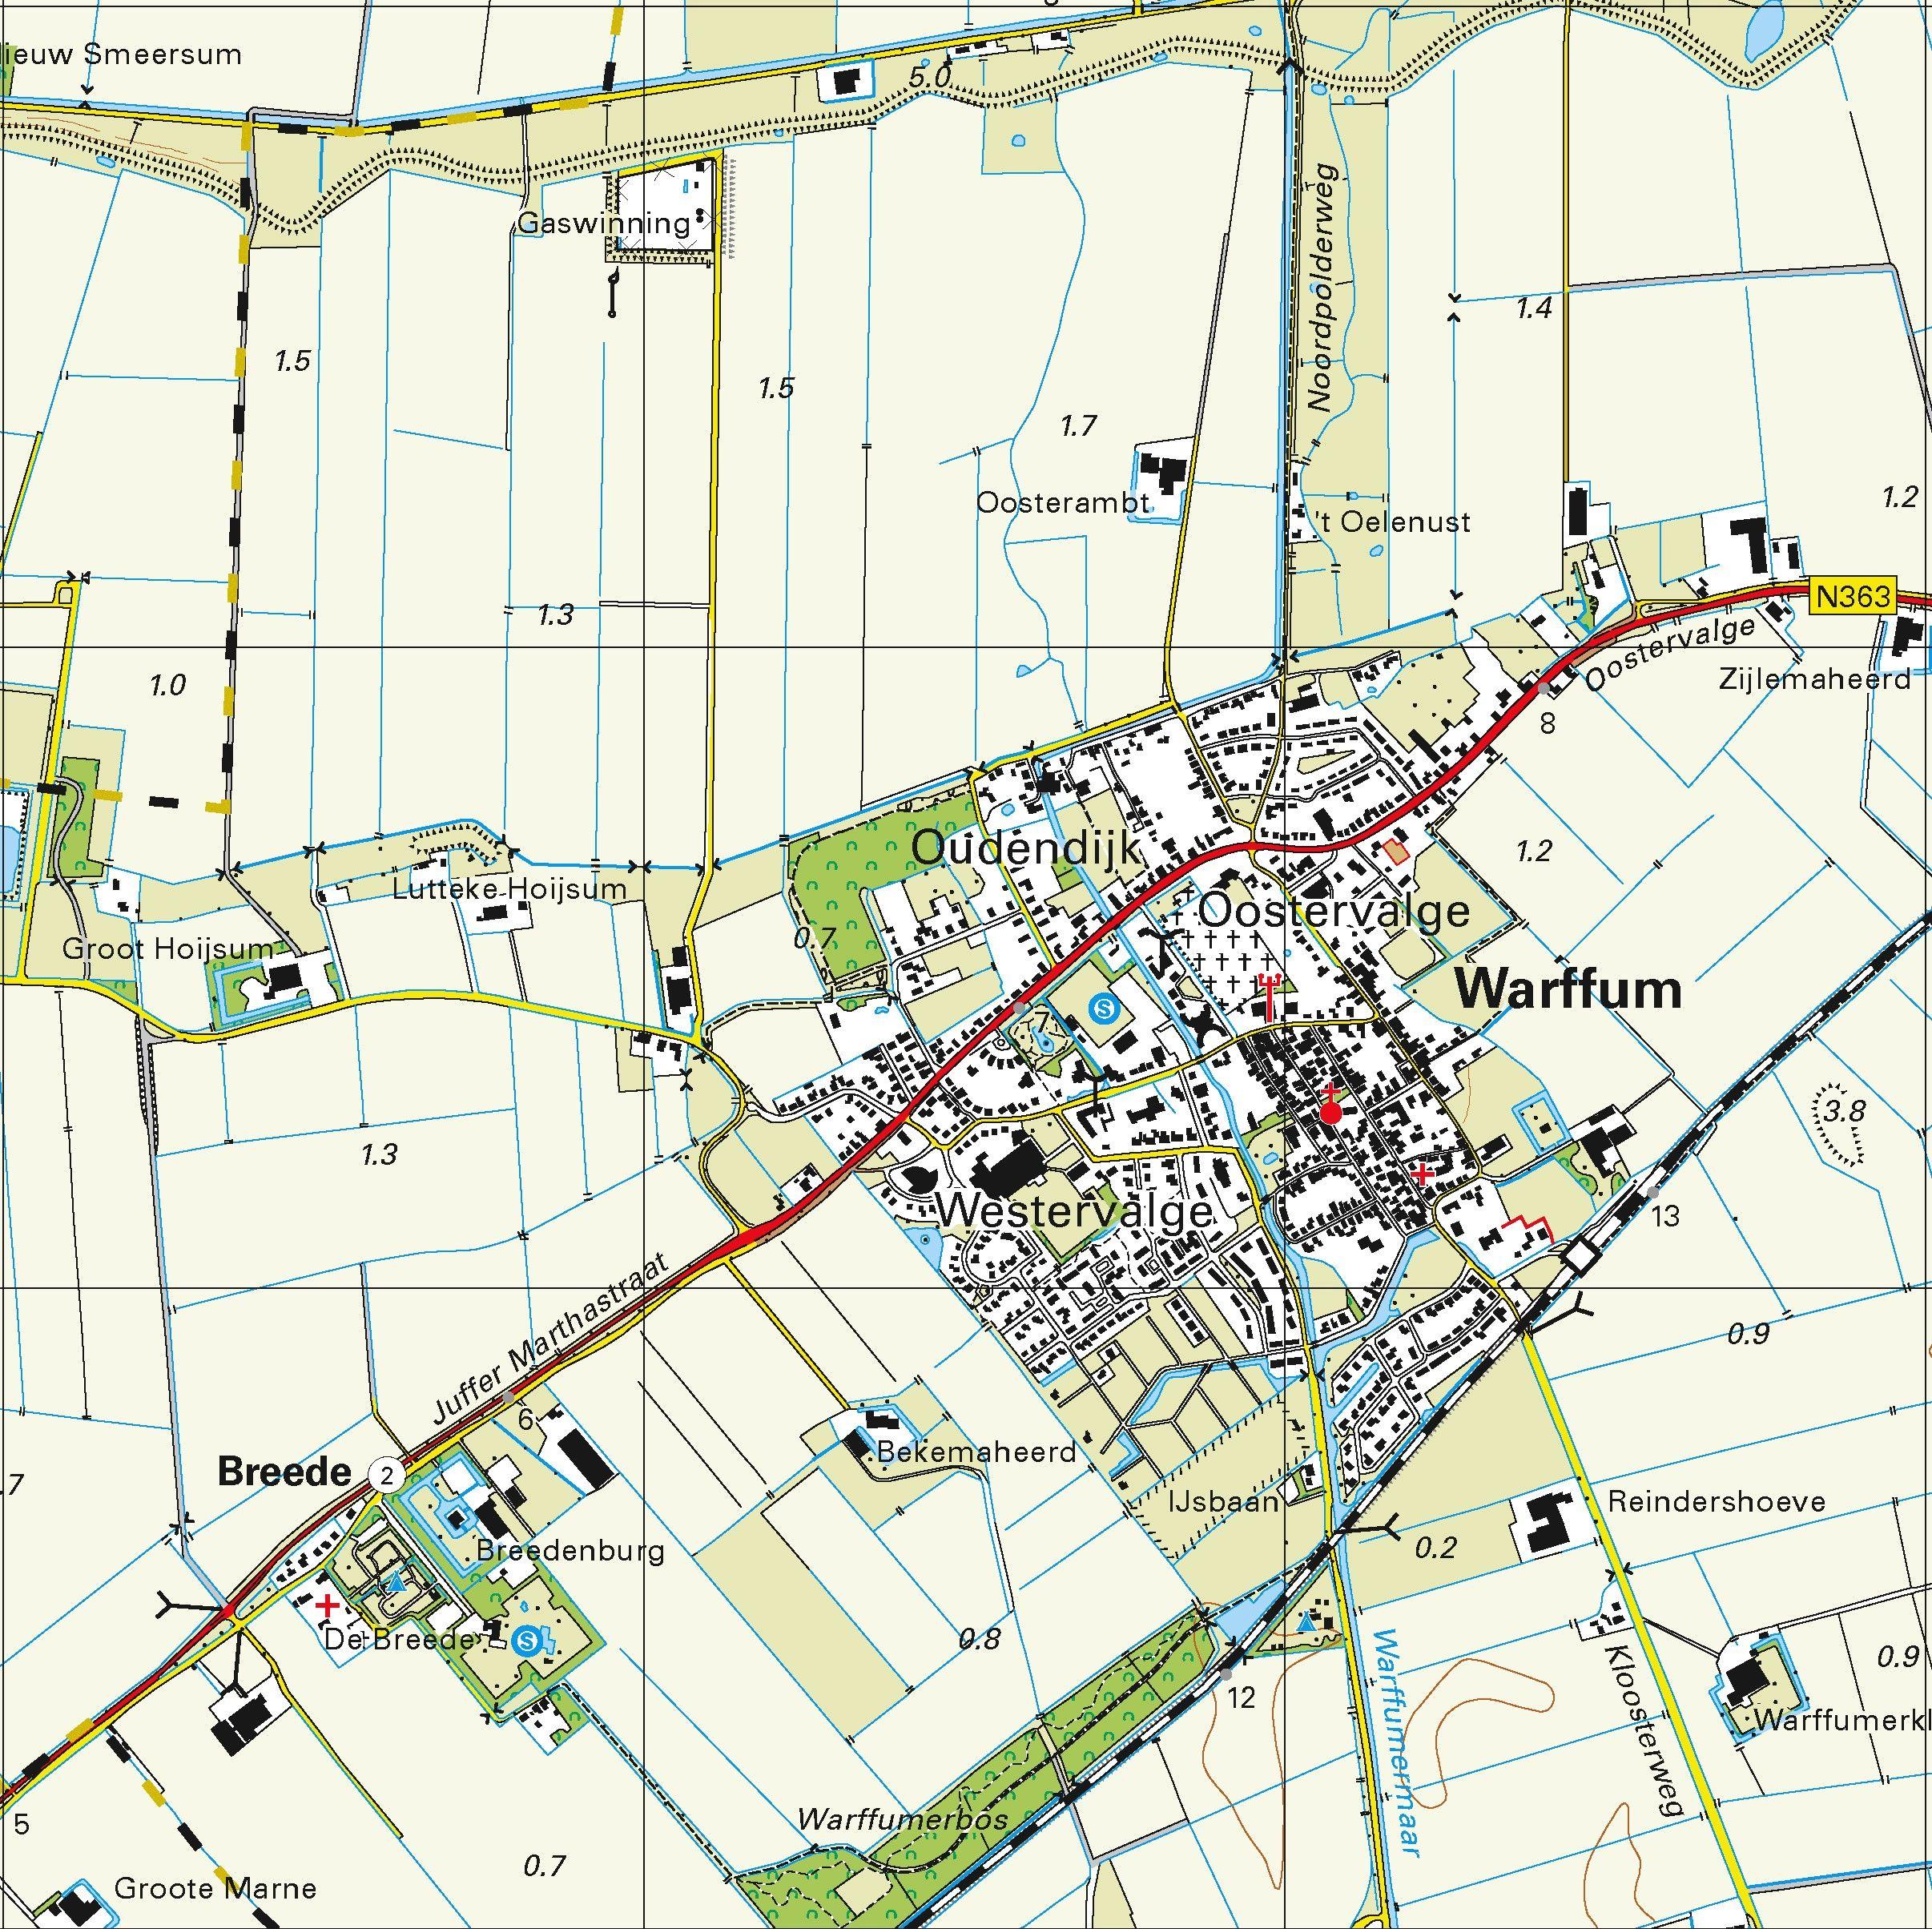 Topografische kaart Schaal 1:25.000 (Schiermonnikoog, Rottumerplaat, Rottummeroog, Warffum, Pieterburen)